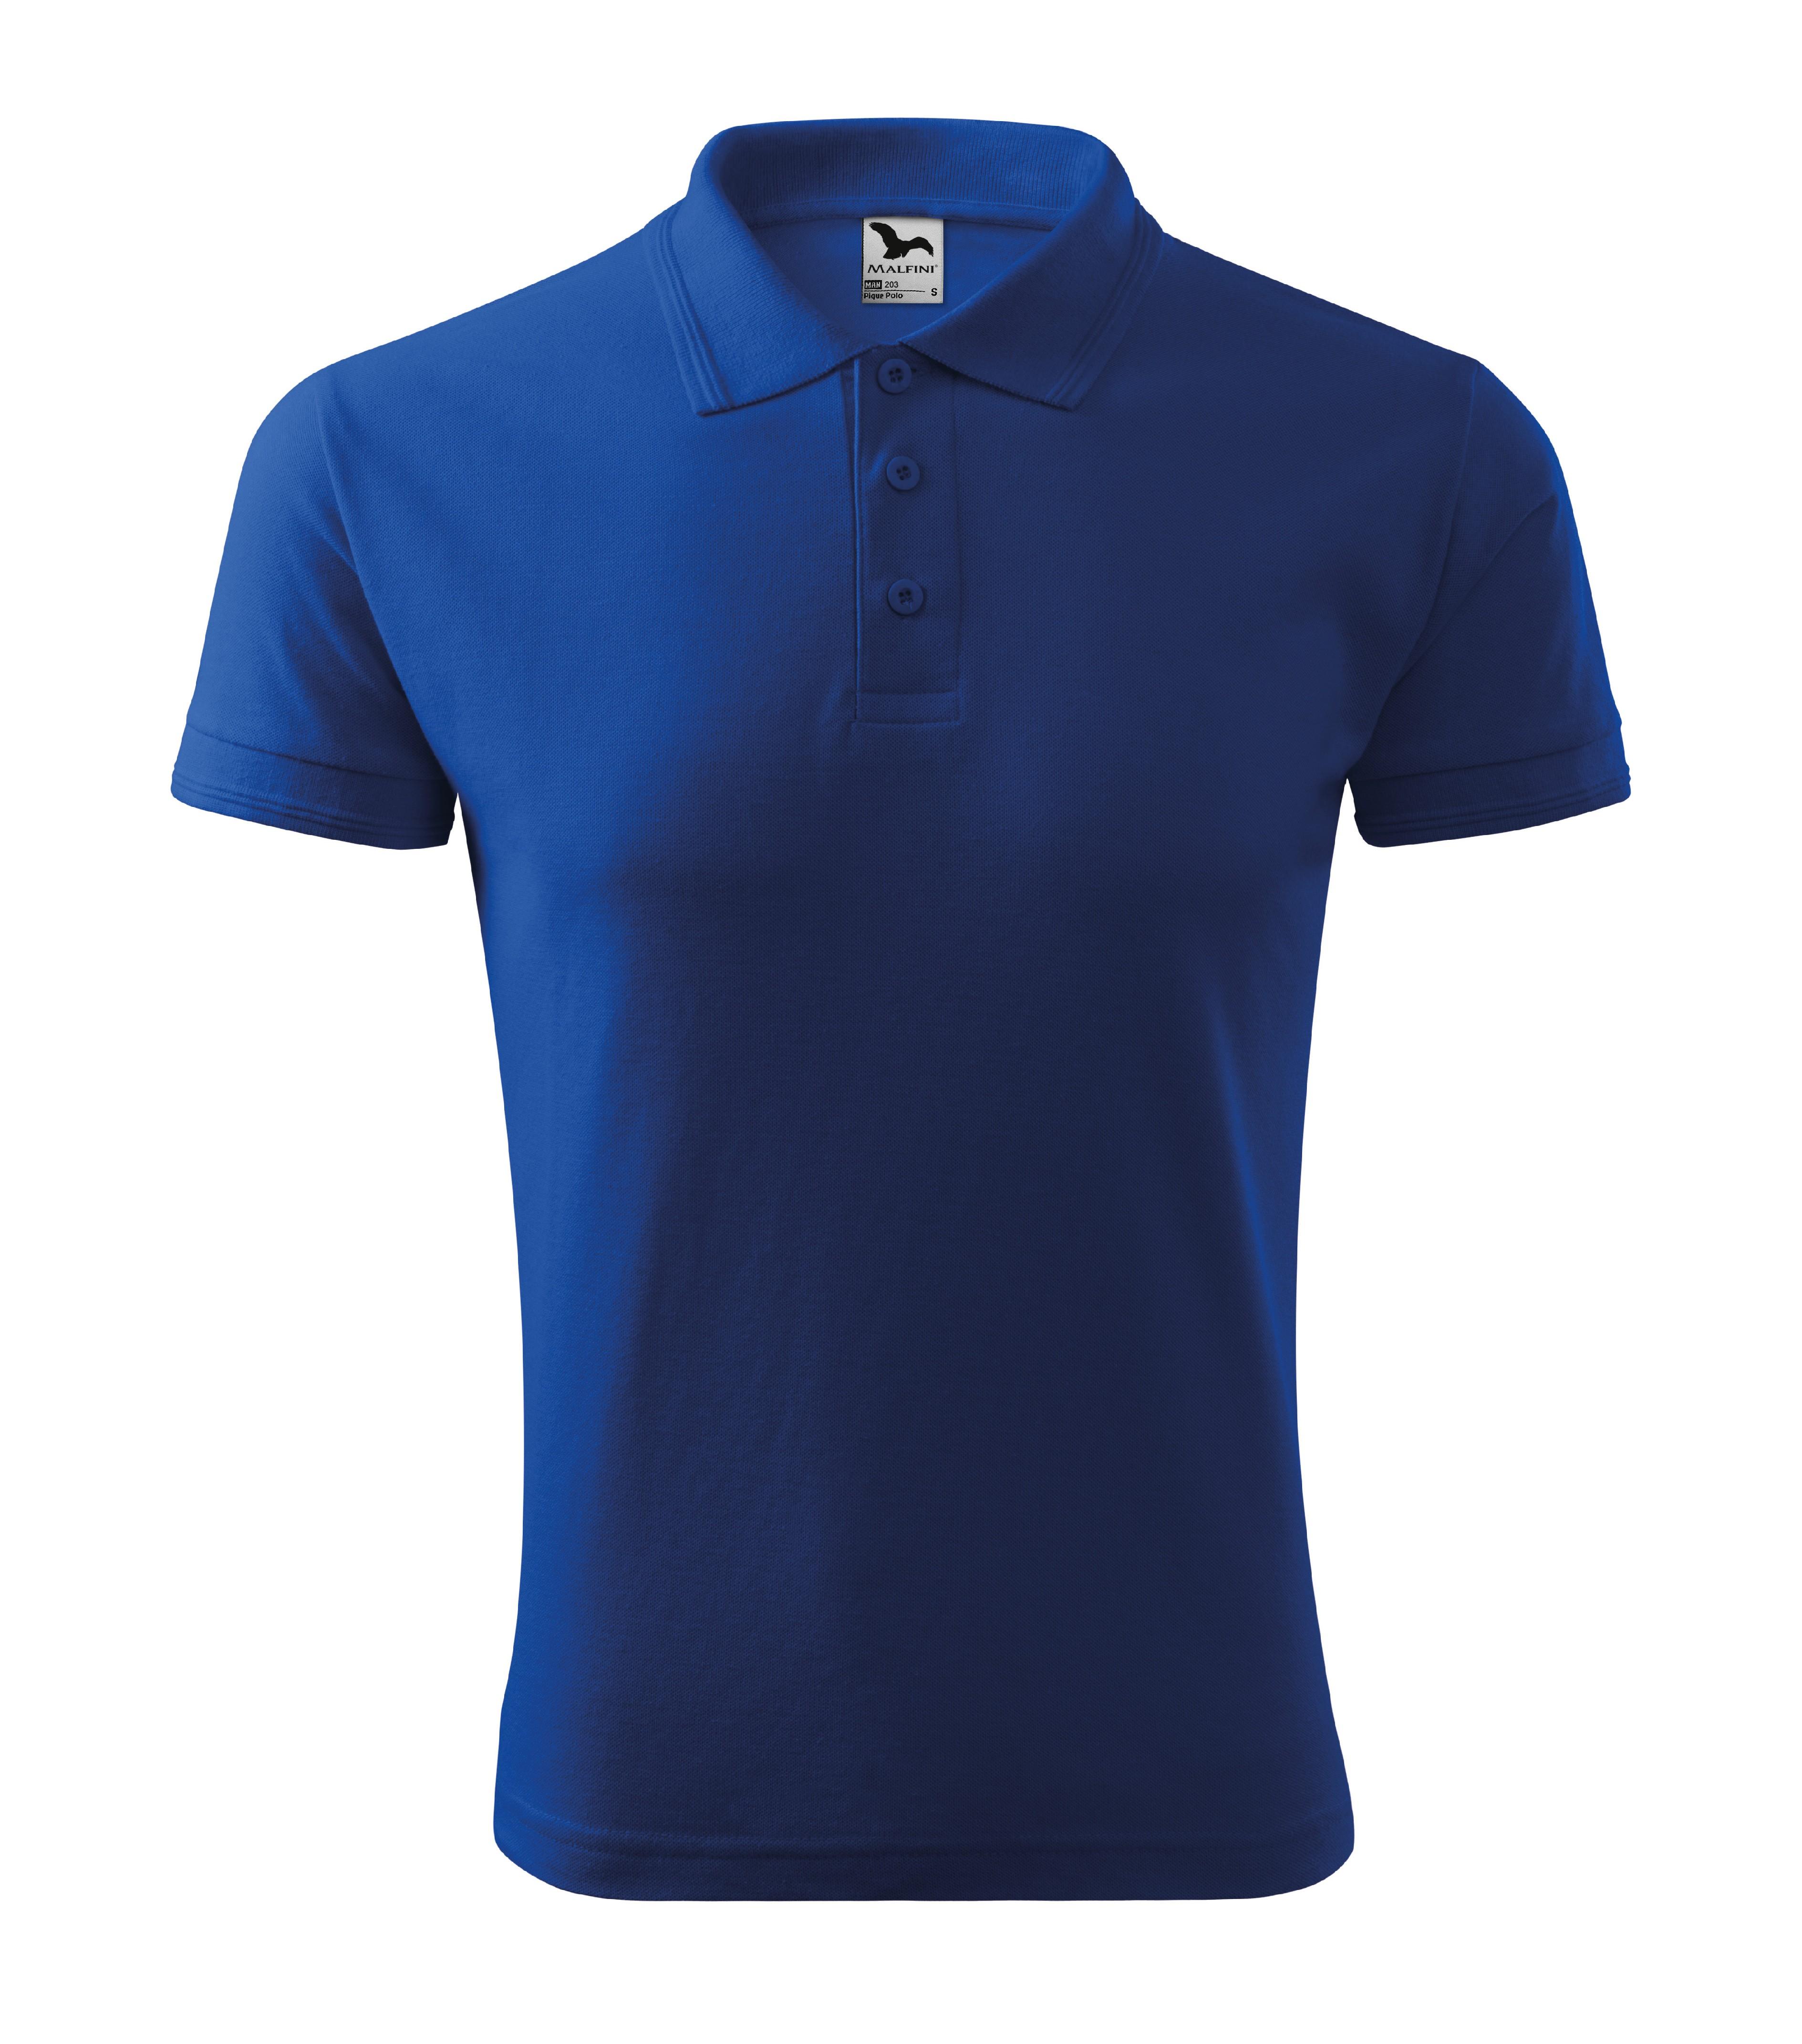 Polokošile pánská Pique Polo Barva: královská modrá, Velikost: L